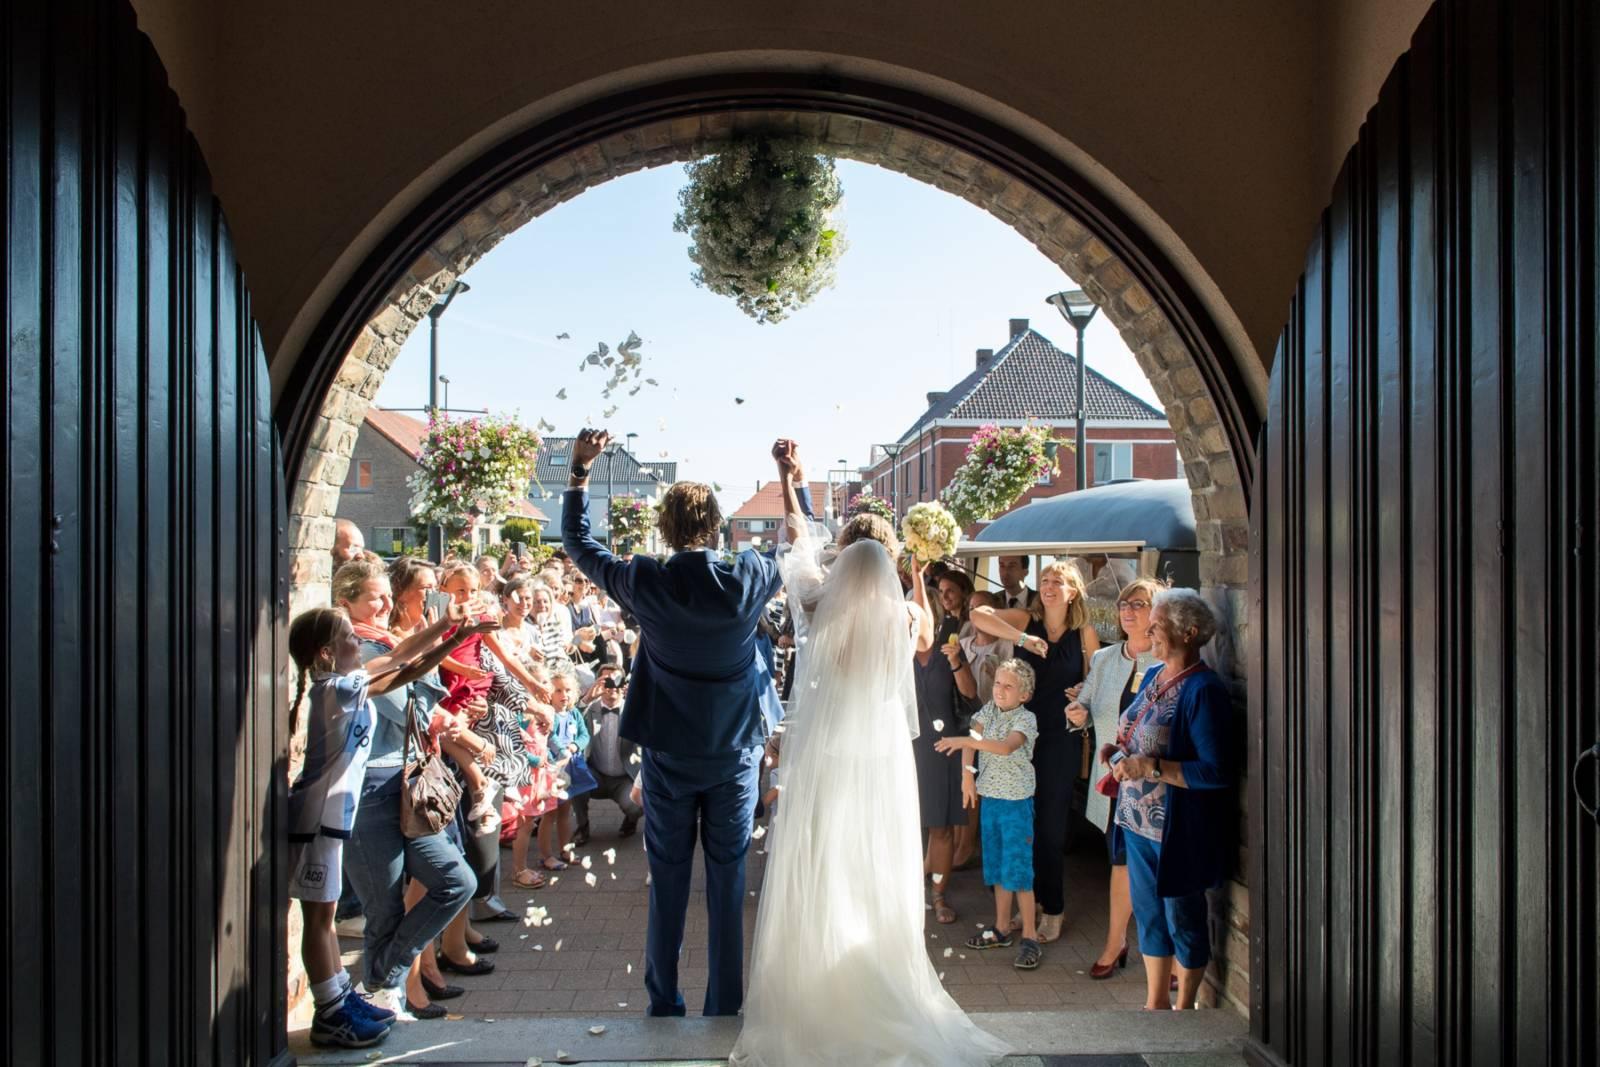 Chou Fleur - Bloemist - Fotograaf Studiovision Fotografie LiesbethDavid - House of Weddings (12) (Aangepast)